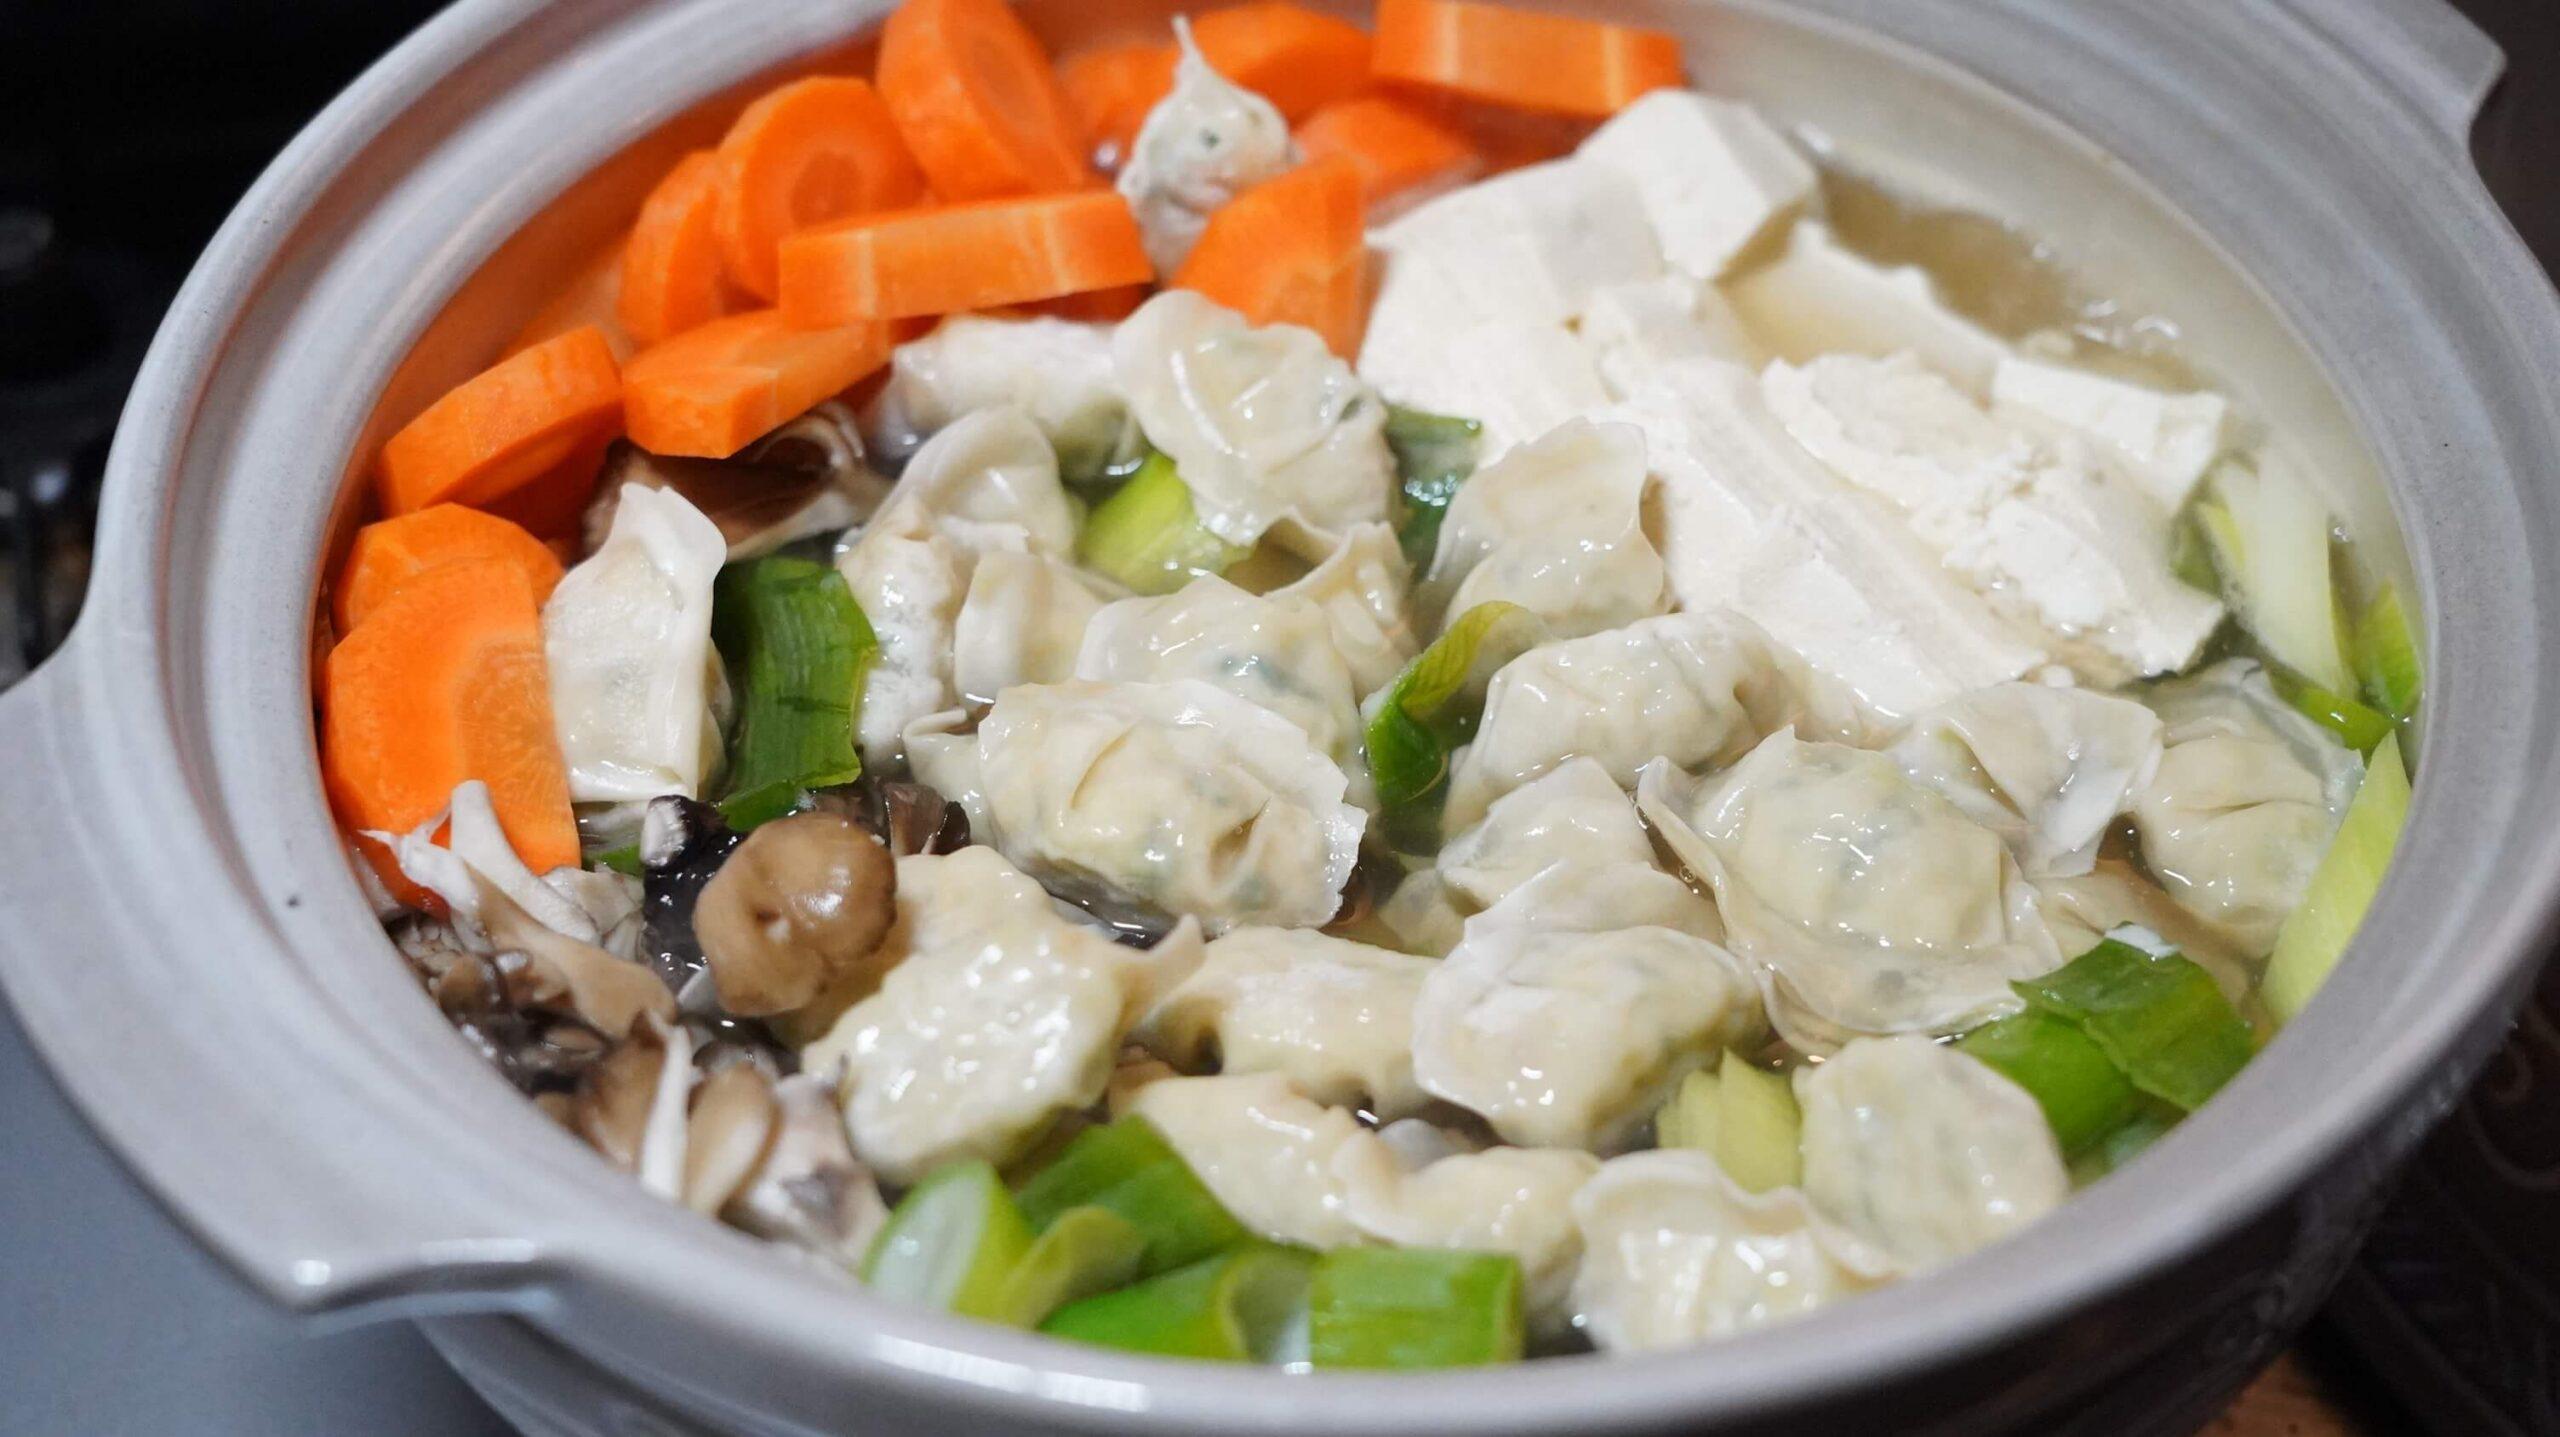 コストコの冷凍食品「bibigo 水餃子」を3分間茹でた写真